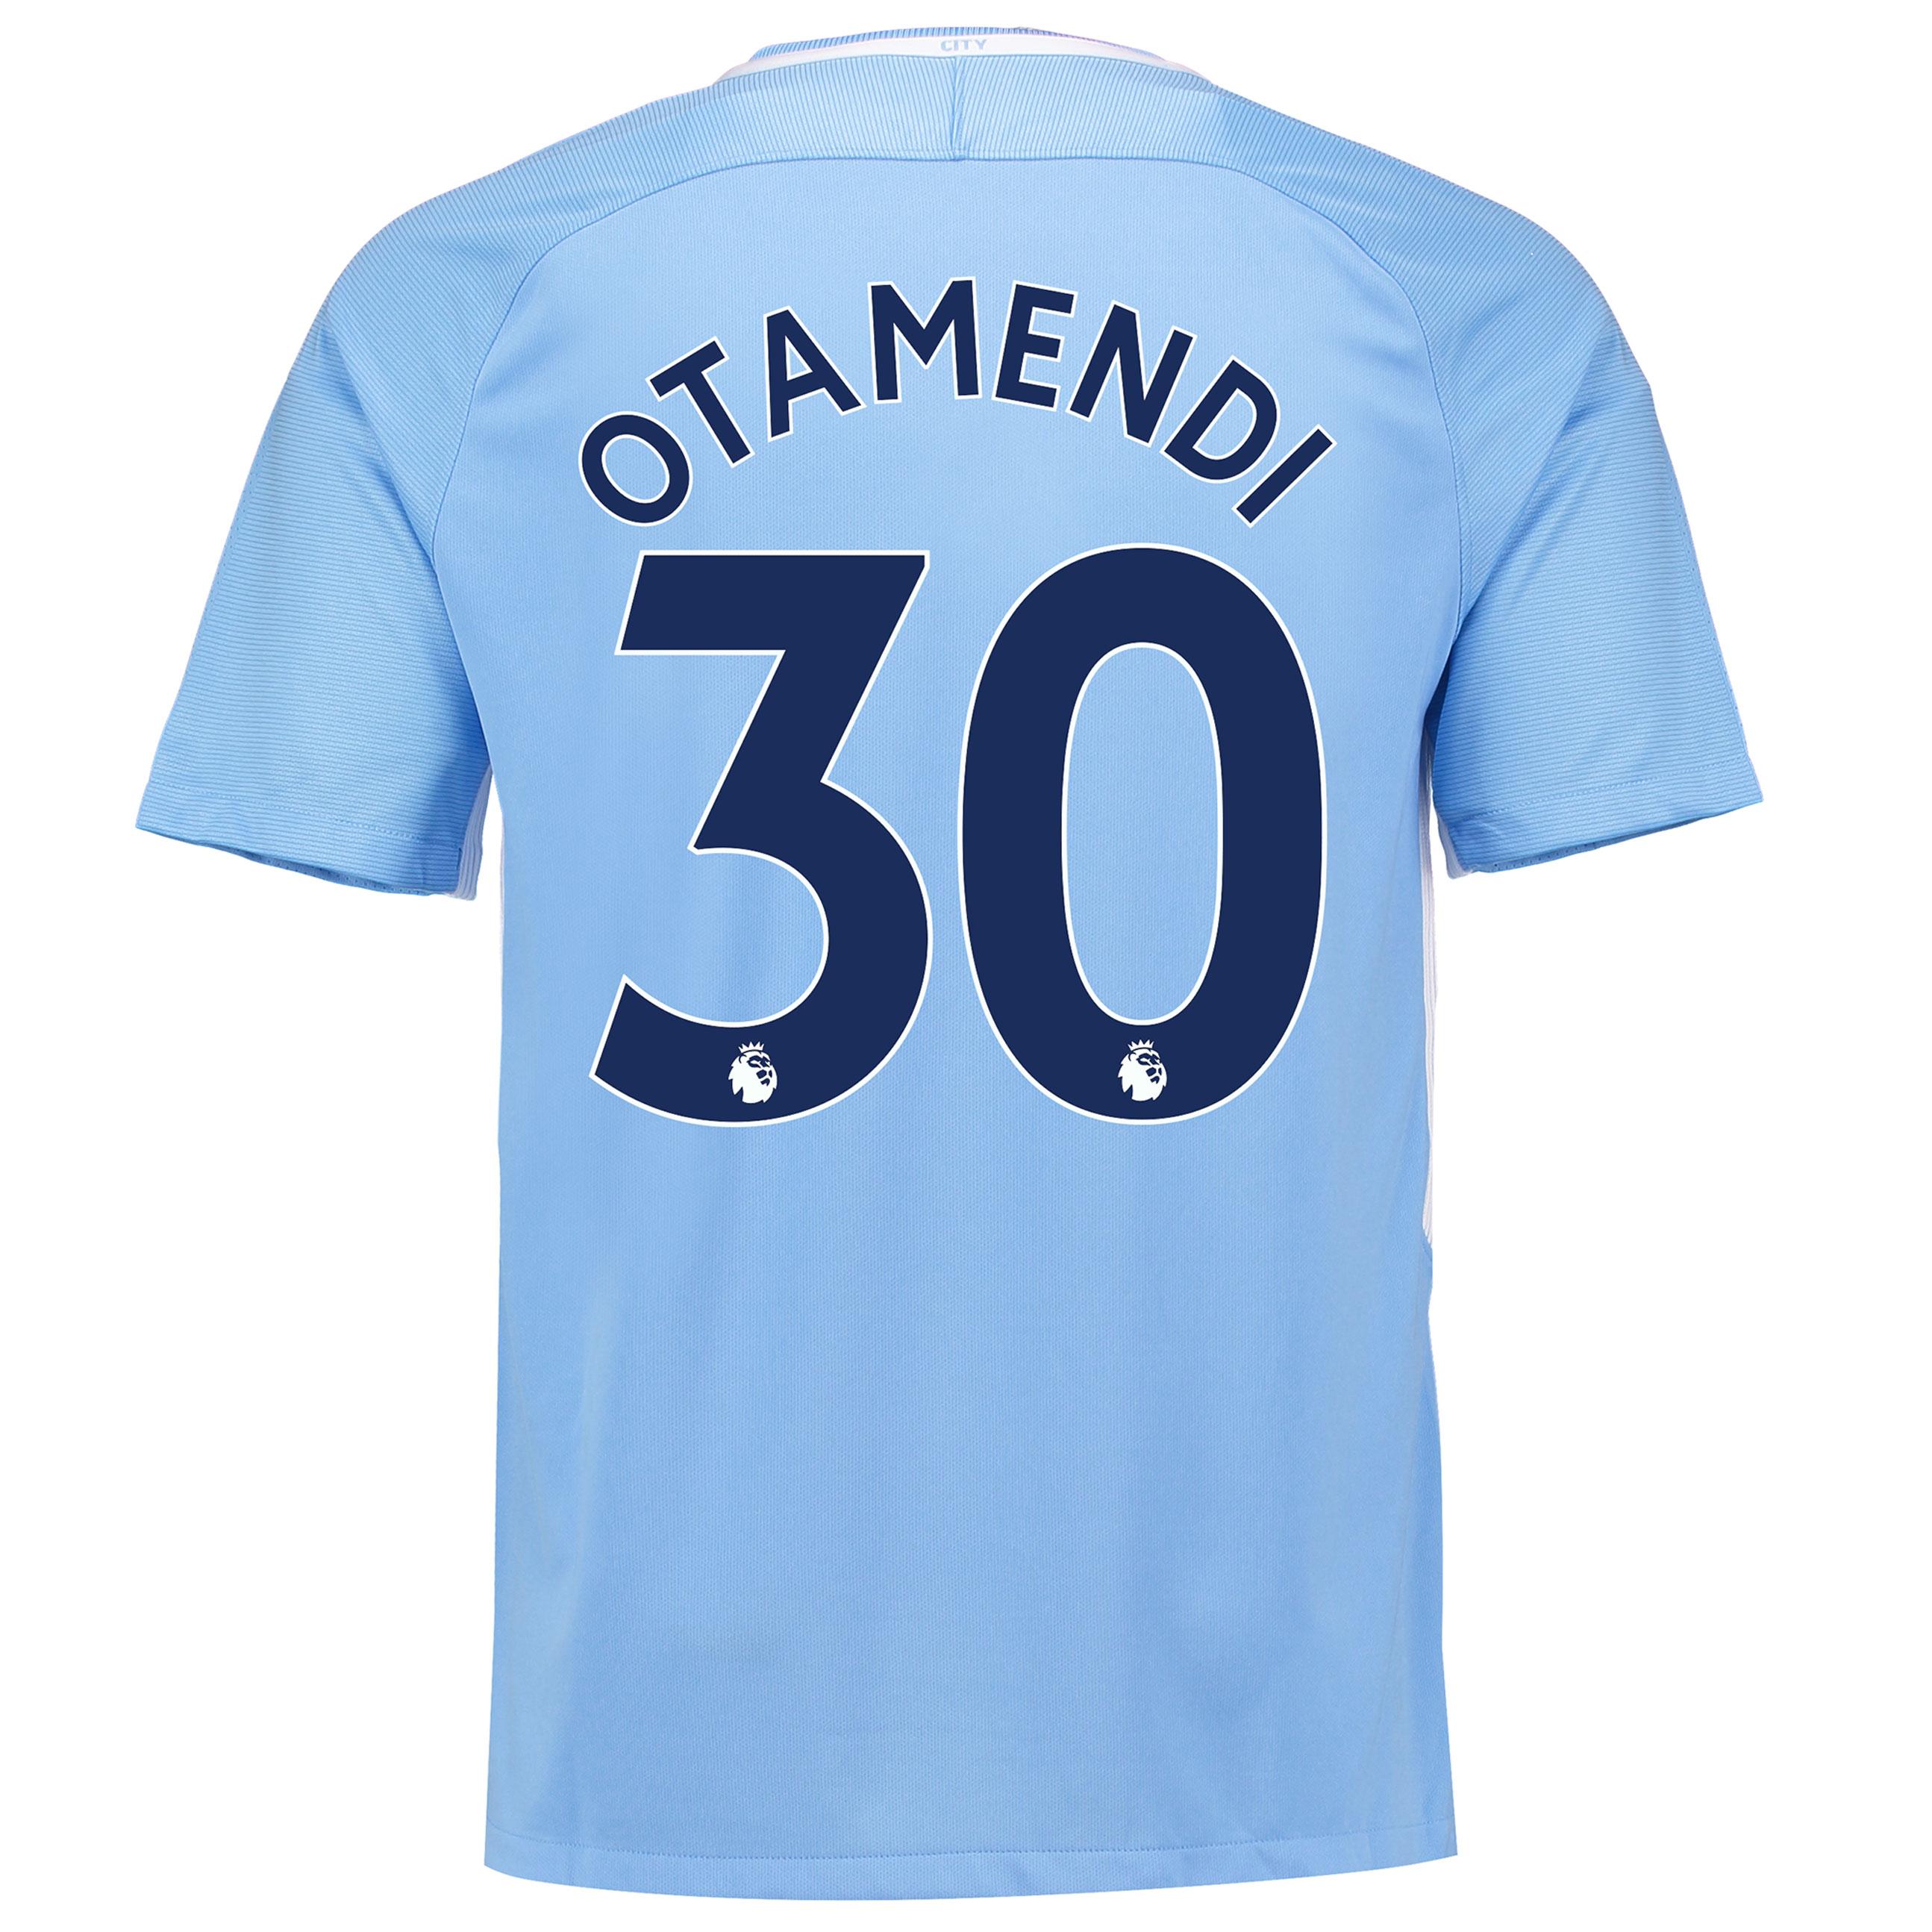 Manchester City Home Stadium Shirt 2017-18 with Otamendi 30 printing